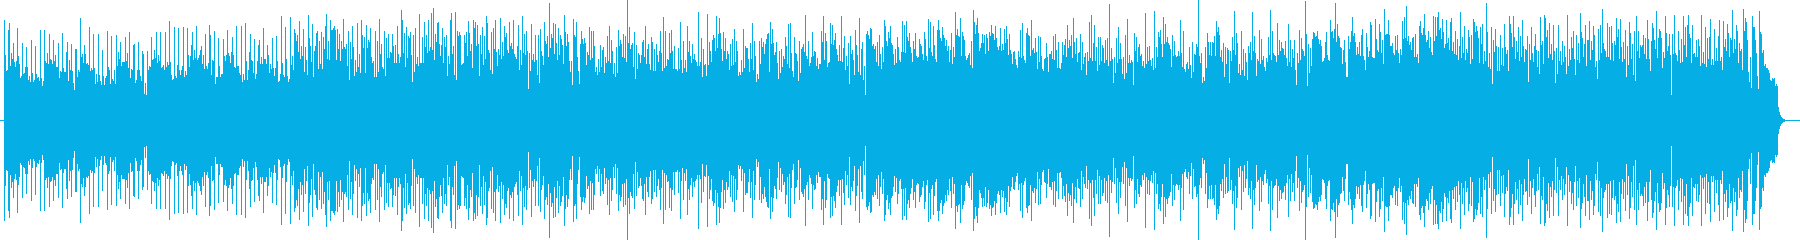 メローでメロディアスなハーモニカポップスの再生済みの波形